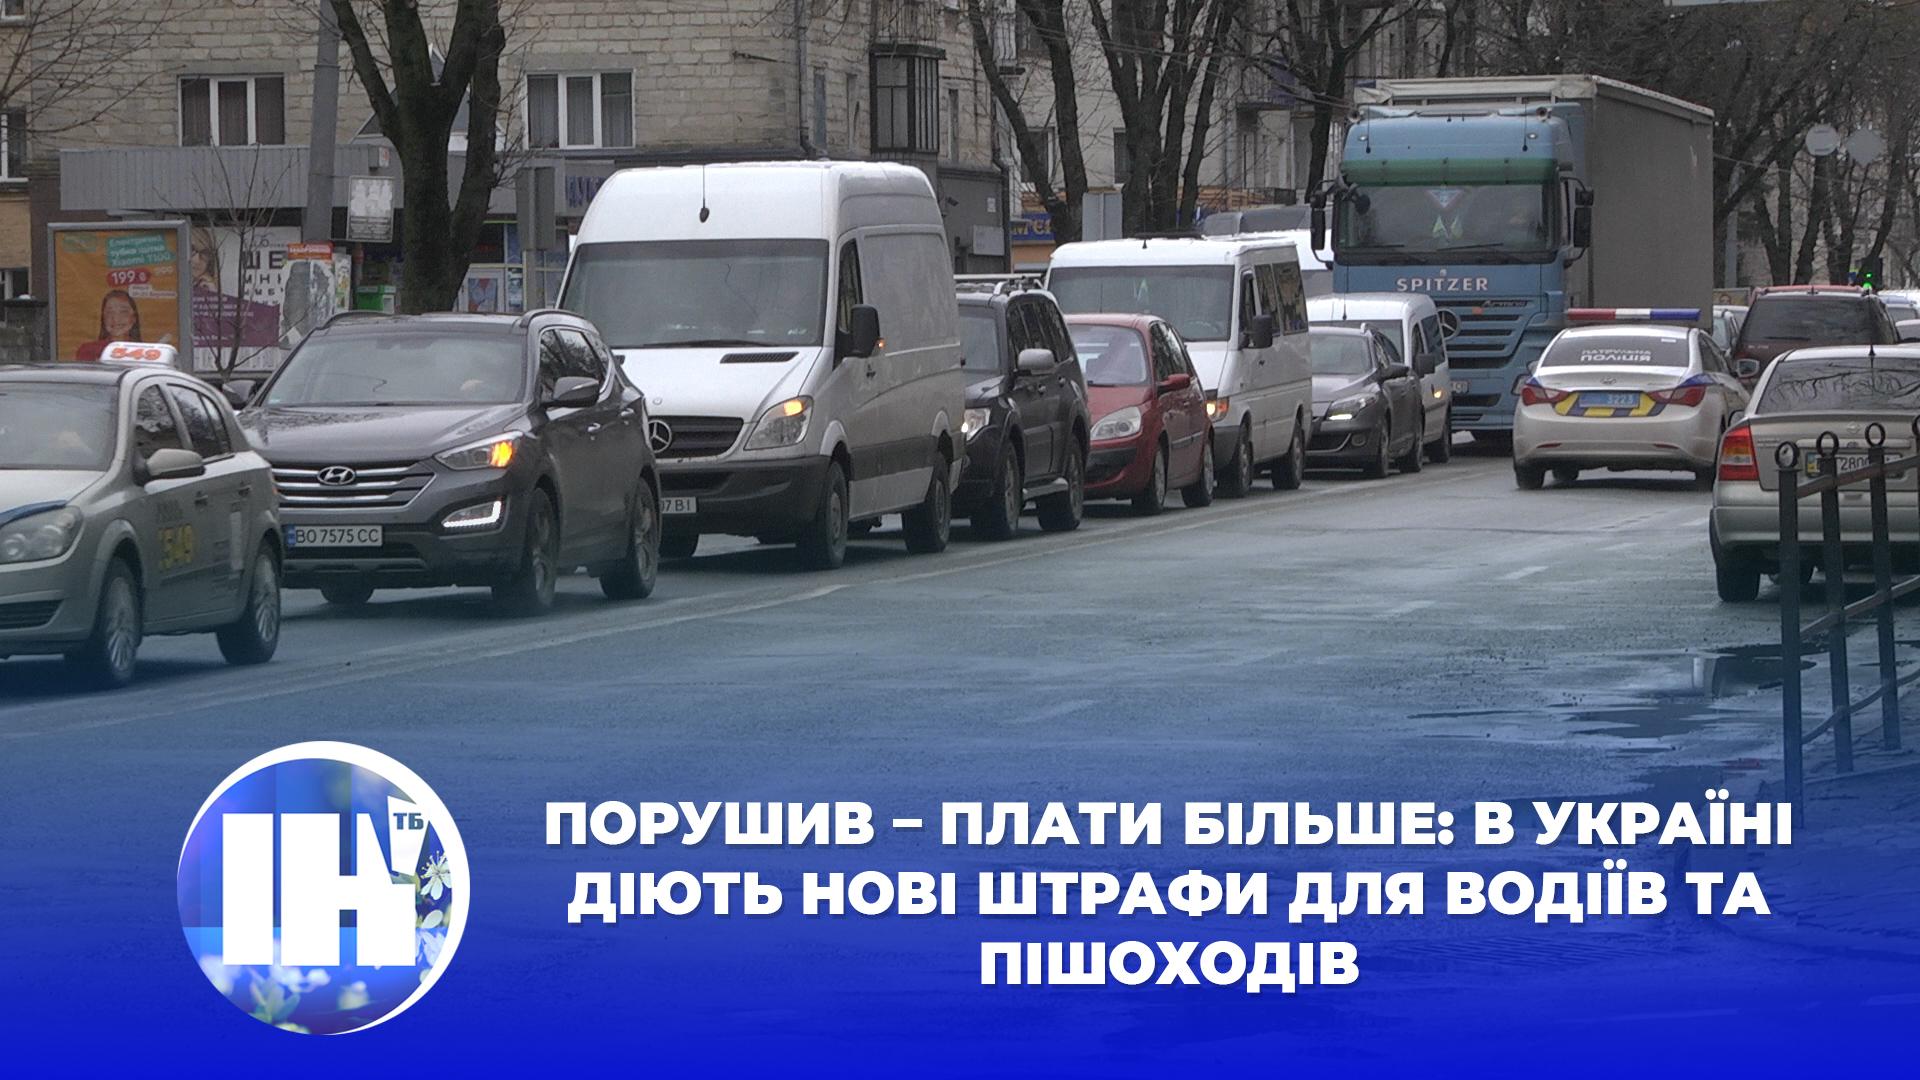 Порушив – плати більше: в Україні діють нові штрафи для водіїв та пішоходів